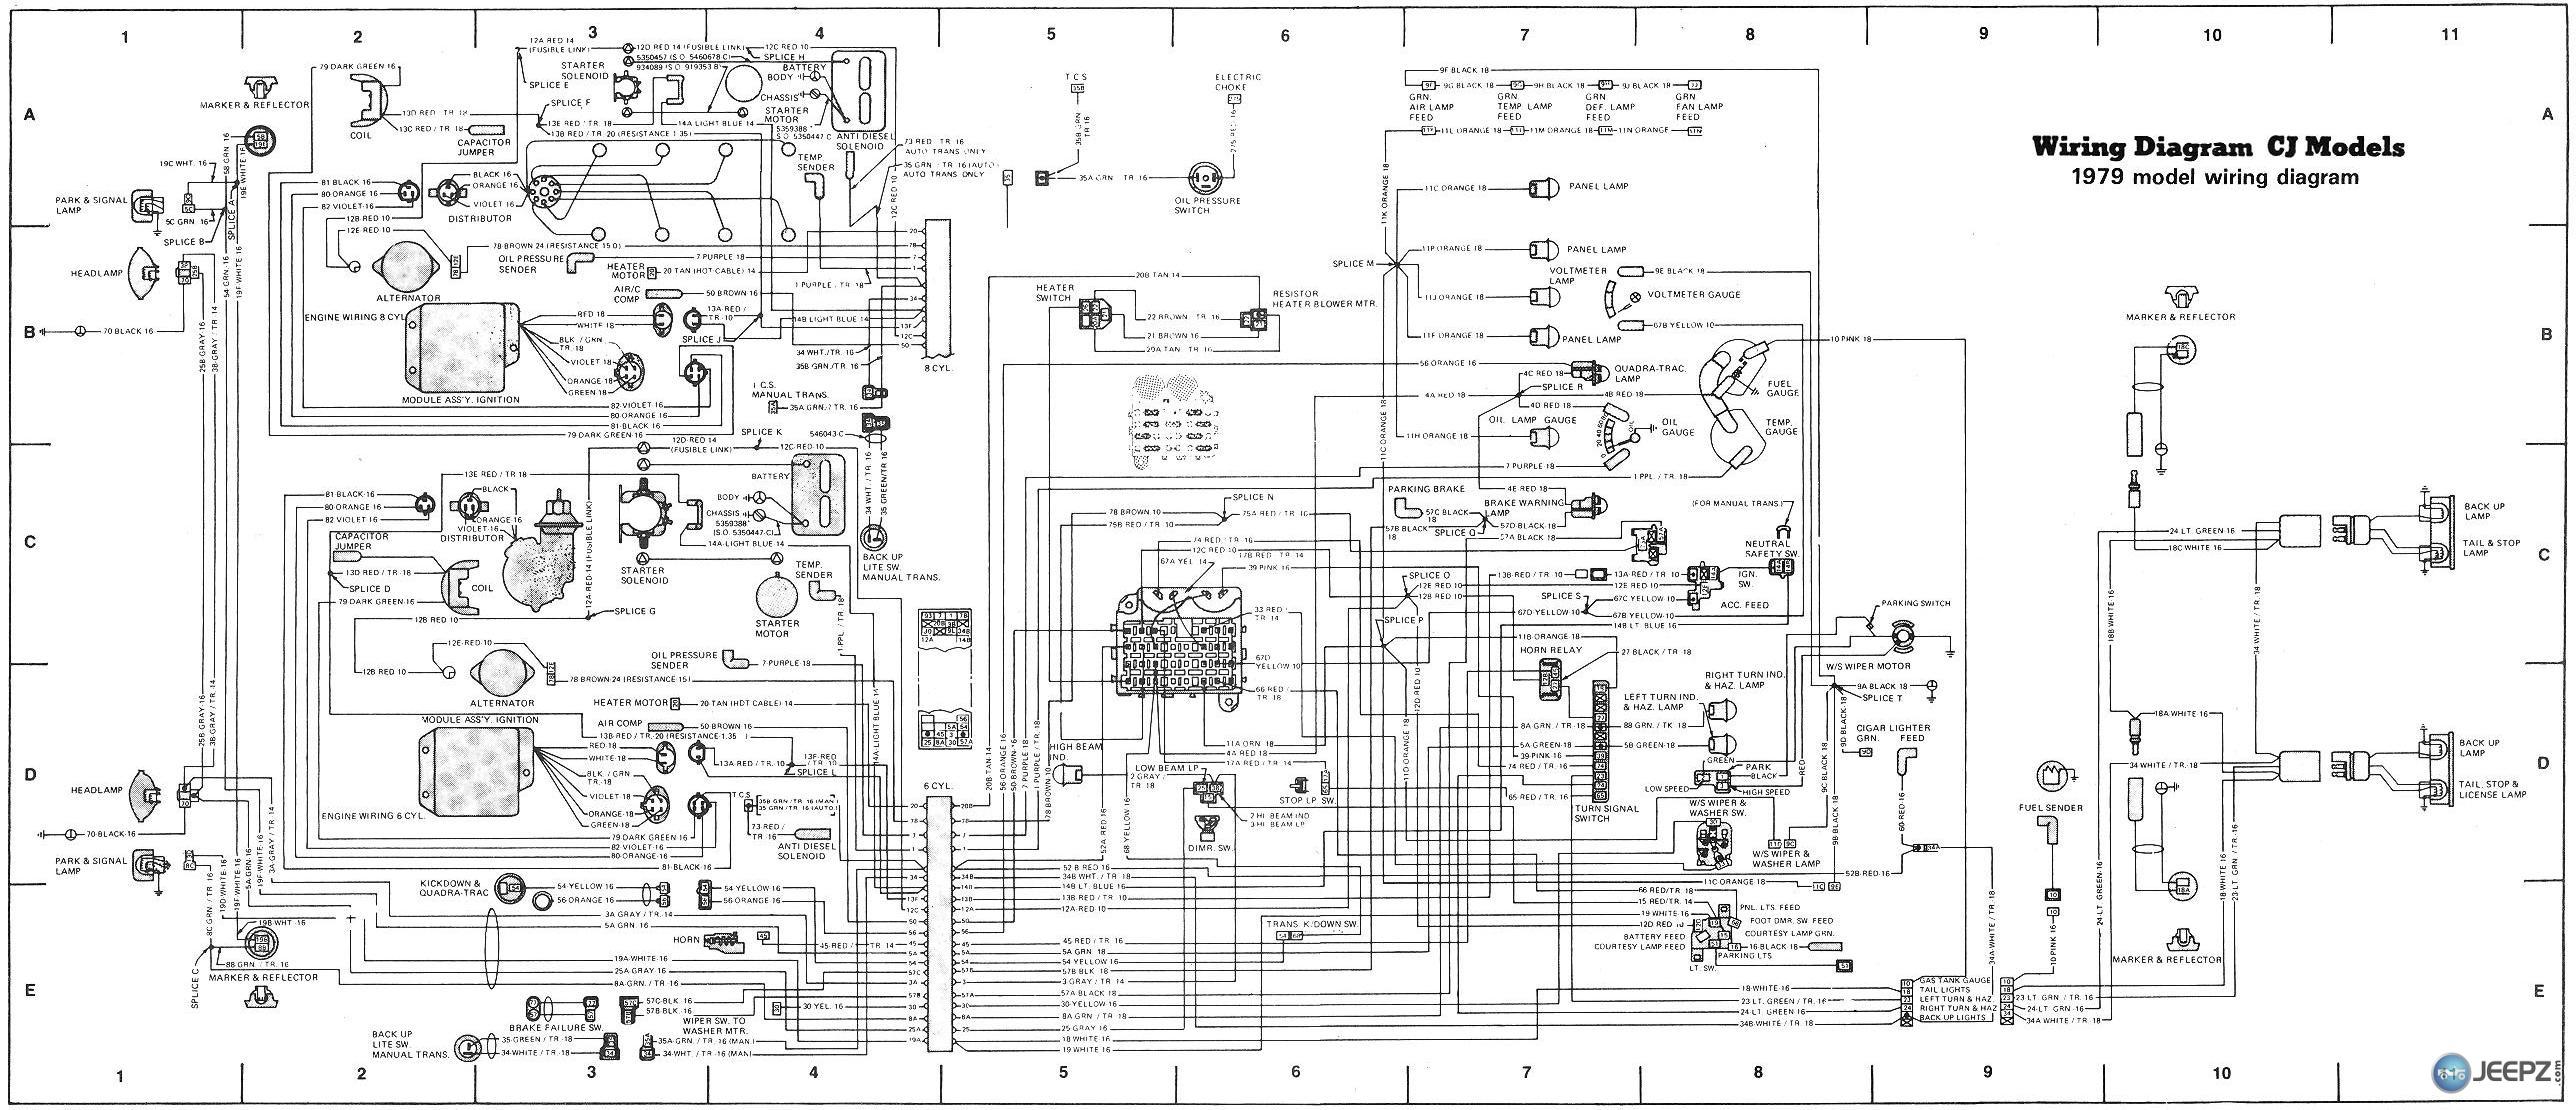 1984 jeep cj7 fuse box wiring diagram 1979 jeep cj7 wiring-diagram 1978 jeep cj7 wiring diagram #9